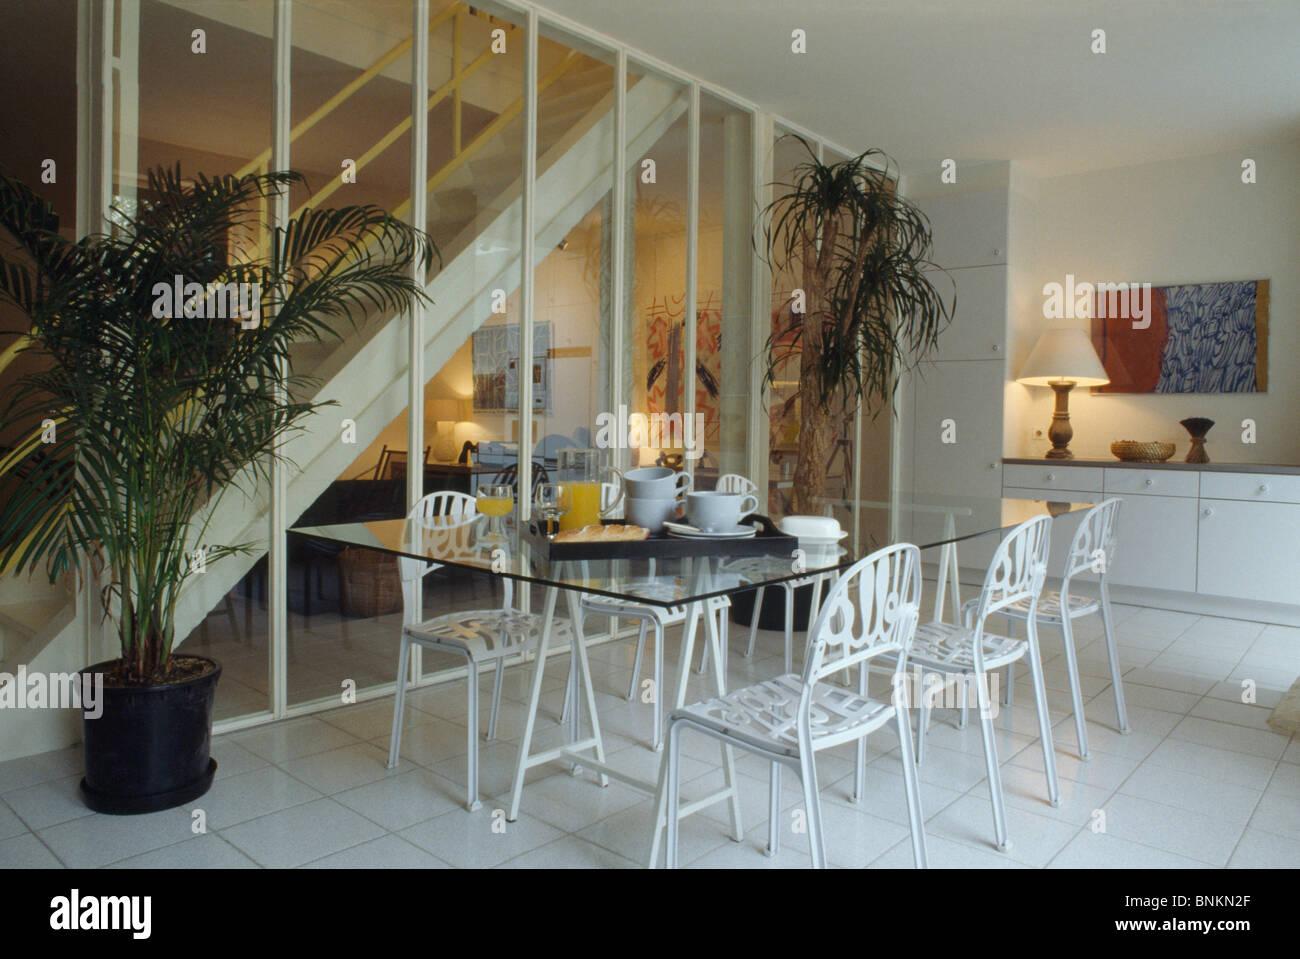 glas tisch und wei metall hallo st hle im modernen offenen speisesaal mit glaswand trennt. Black Bedroom Furniture Sets. Home Design Ideas